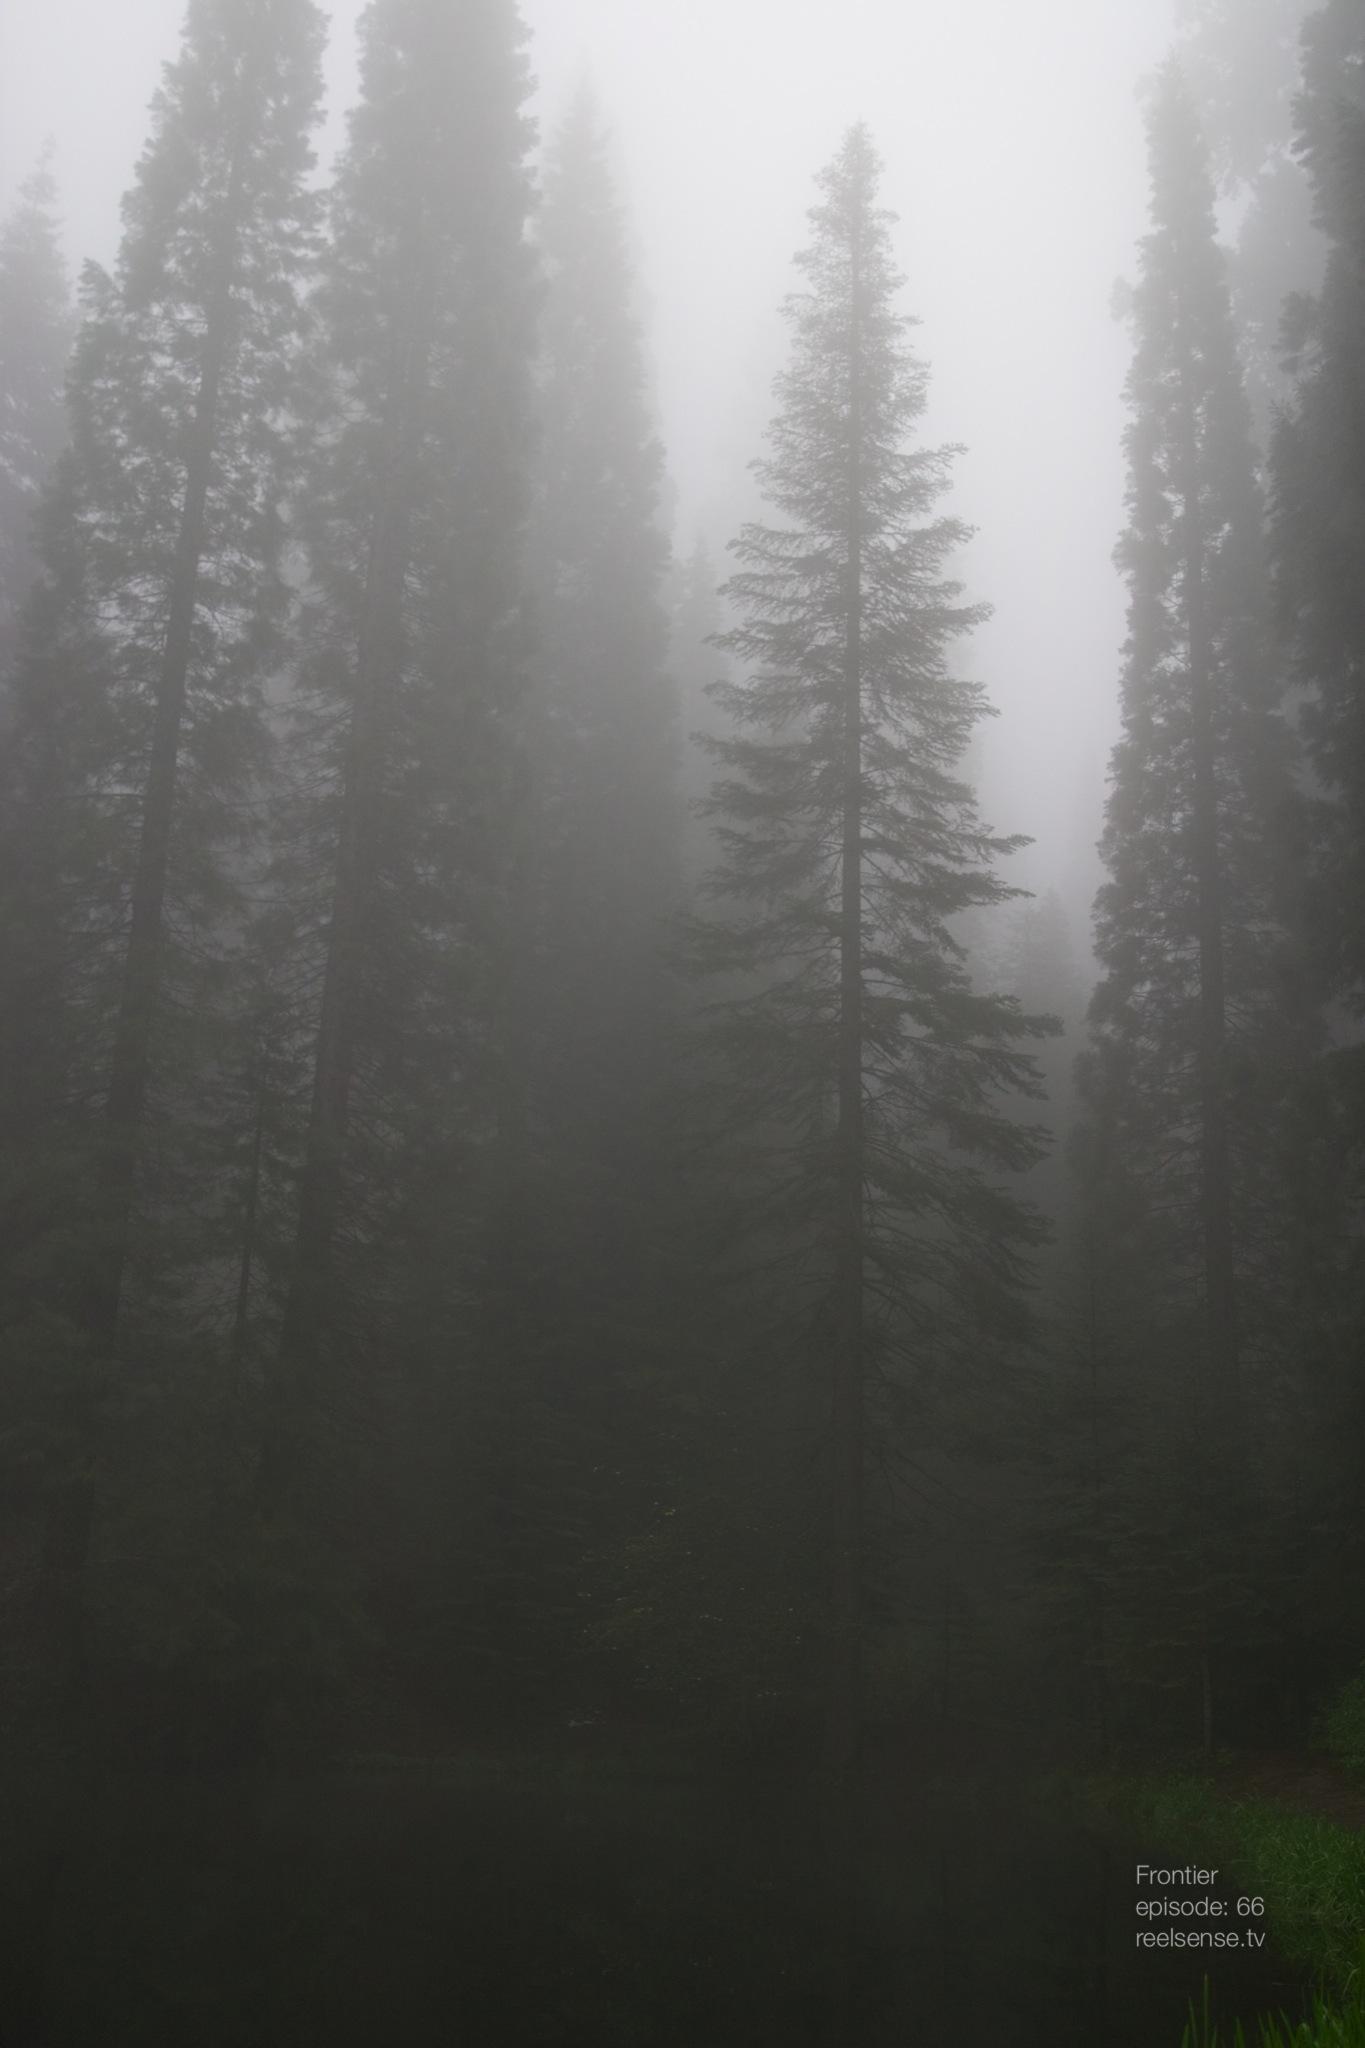 066-frontier-2014-05-22 010.jpg